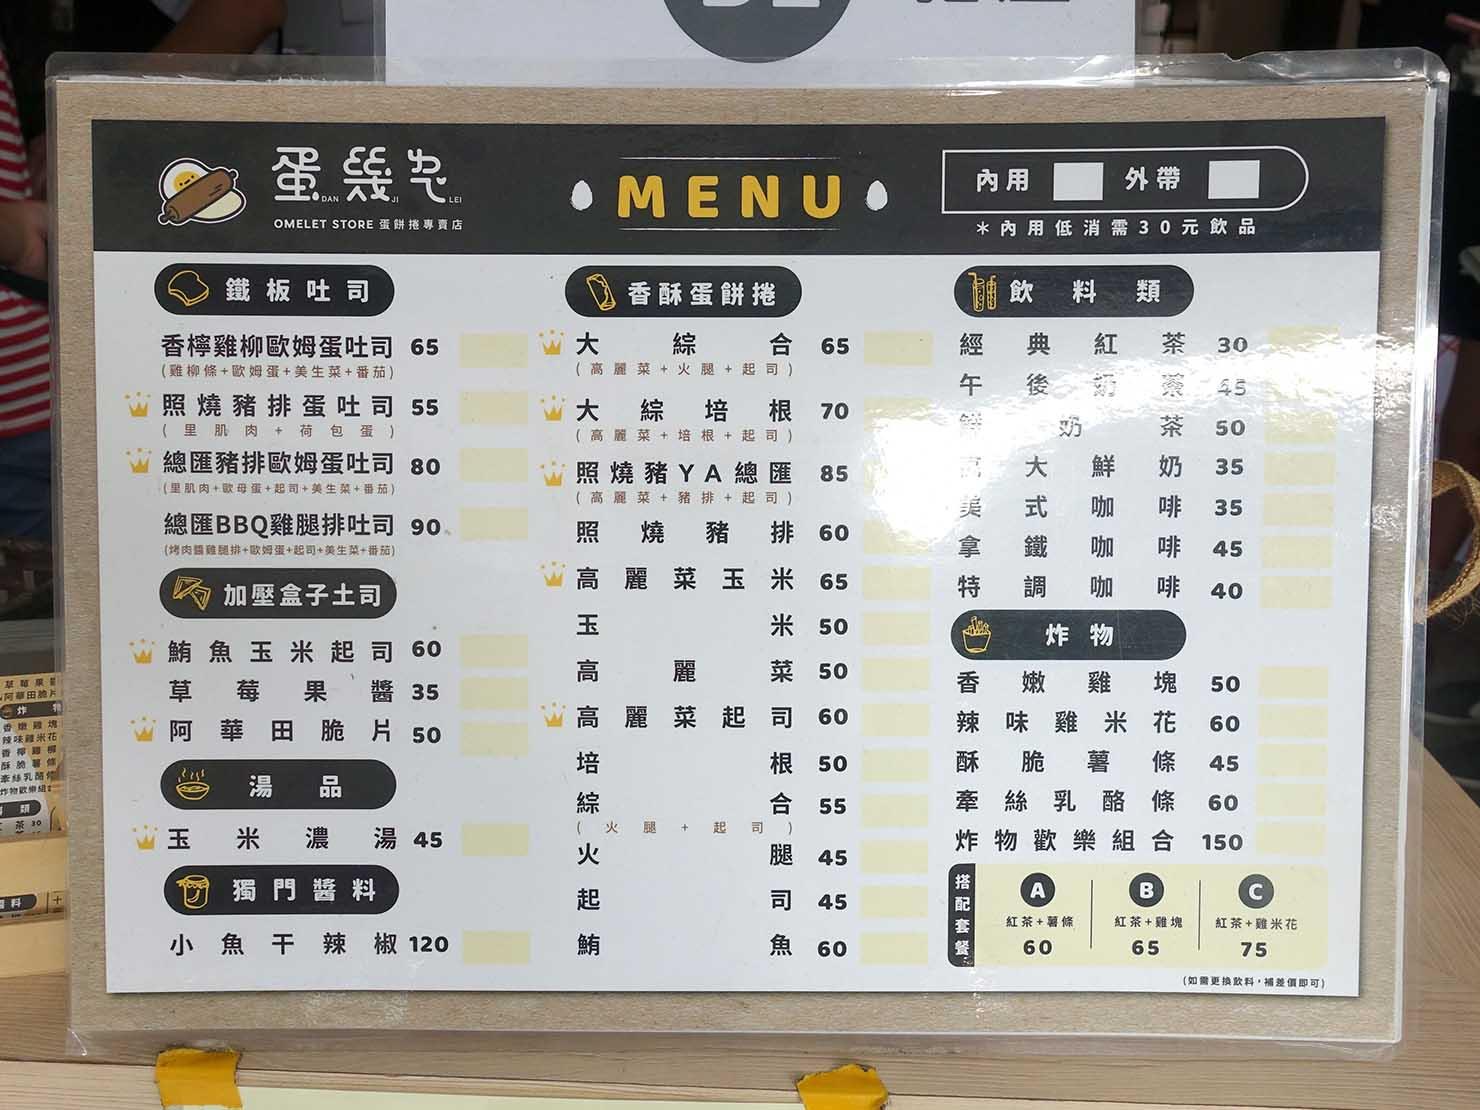 台北・師大夜市のおすすめ台湾グルメ店「蛋幾ㄌㄟˇ」のメニュー